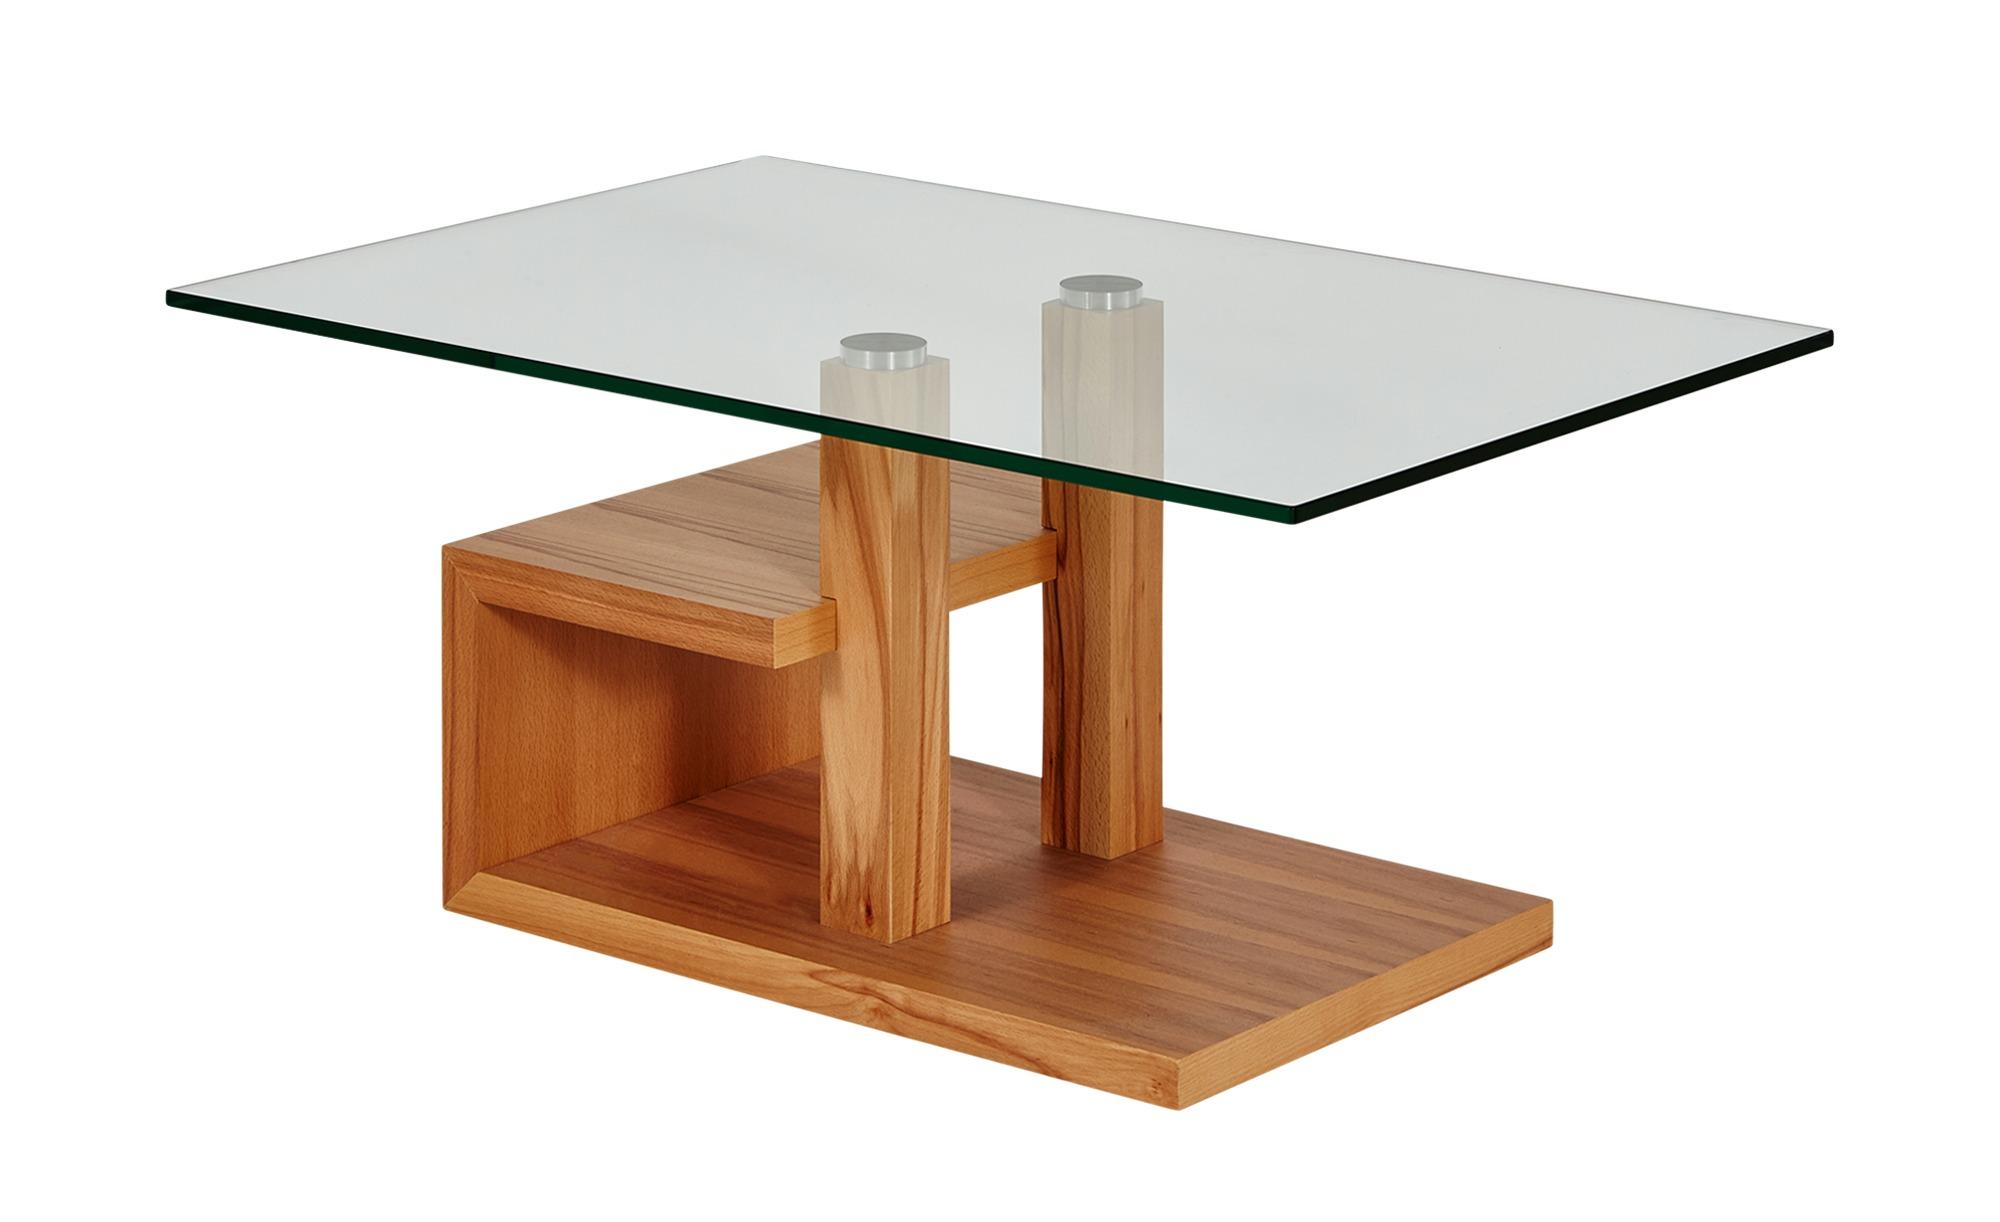 Couchtisch  Han ¦ holzfarben ¦ Maße (cm): B: 60 H: 44 T: 60 Tische > Couchtische > Couchtische andere Formen - Höffner